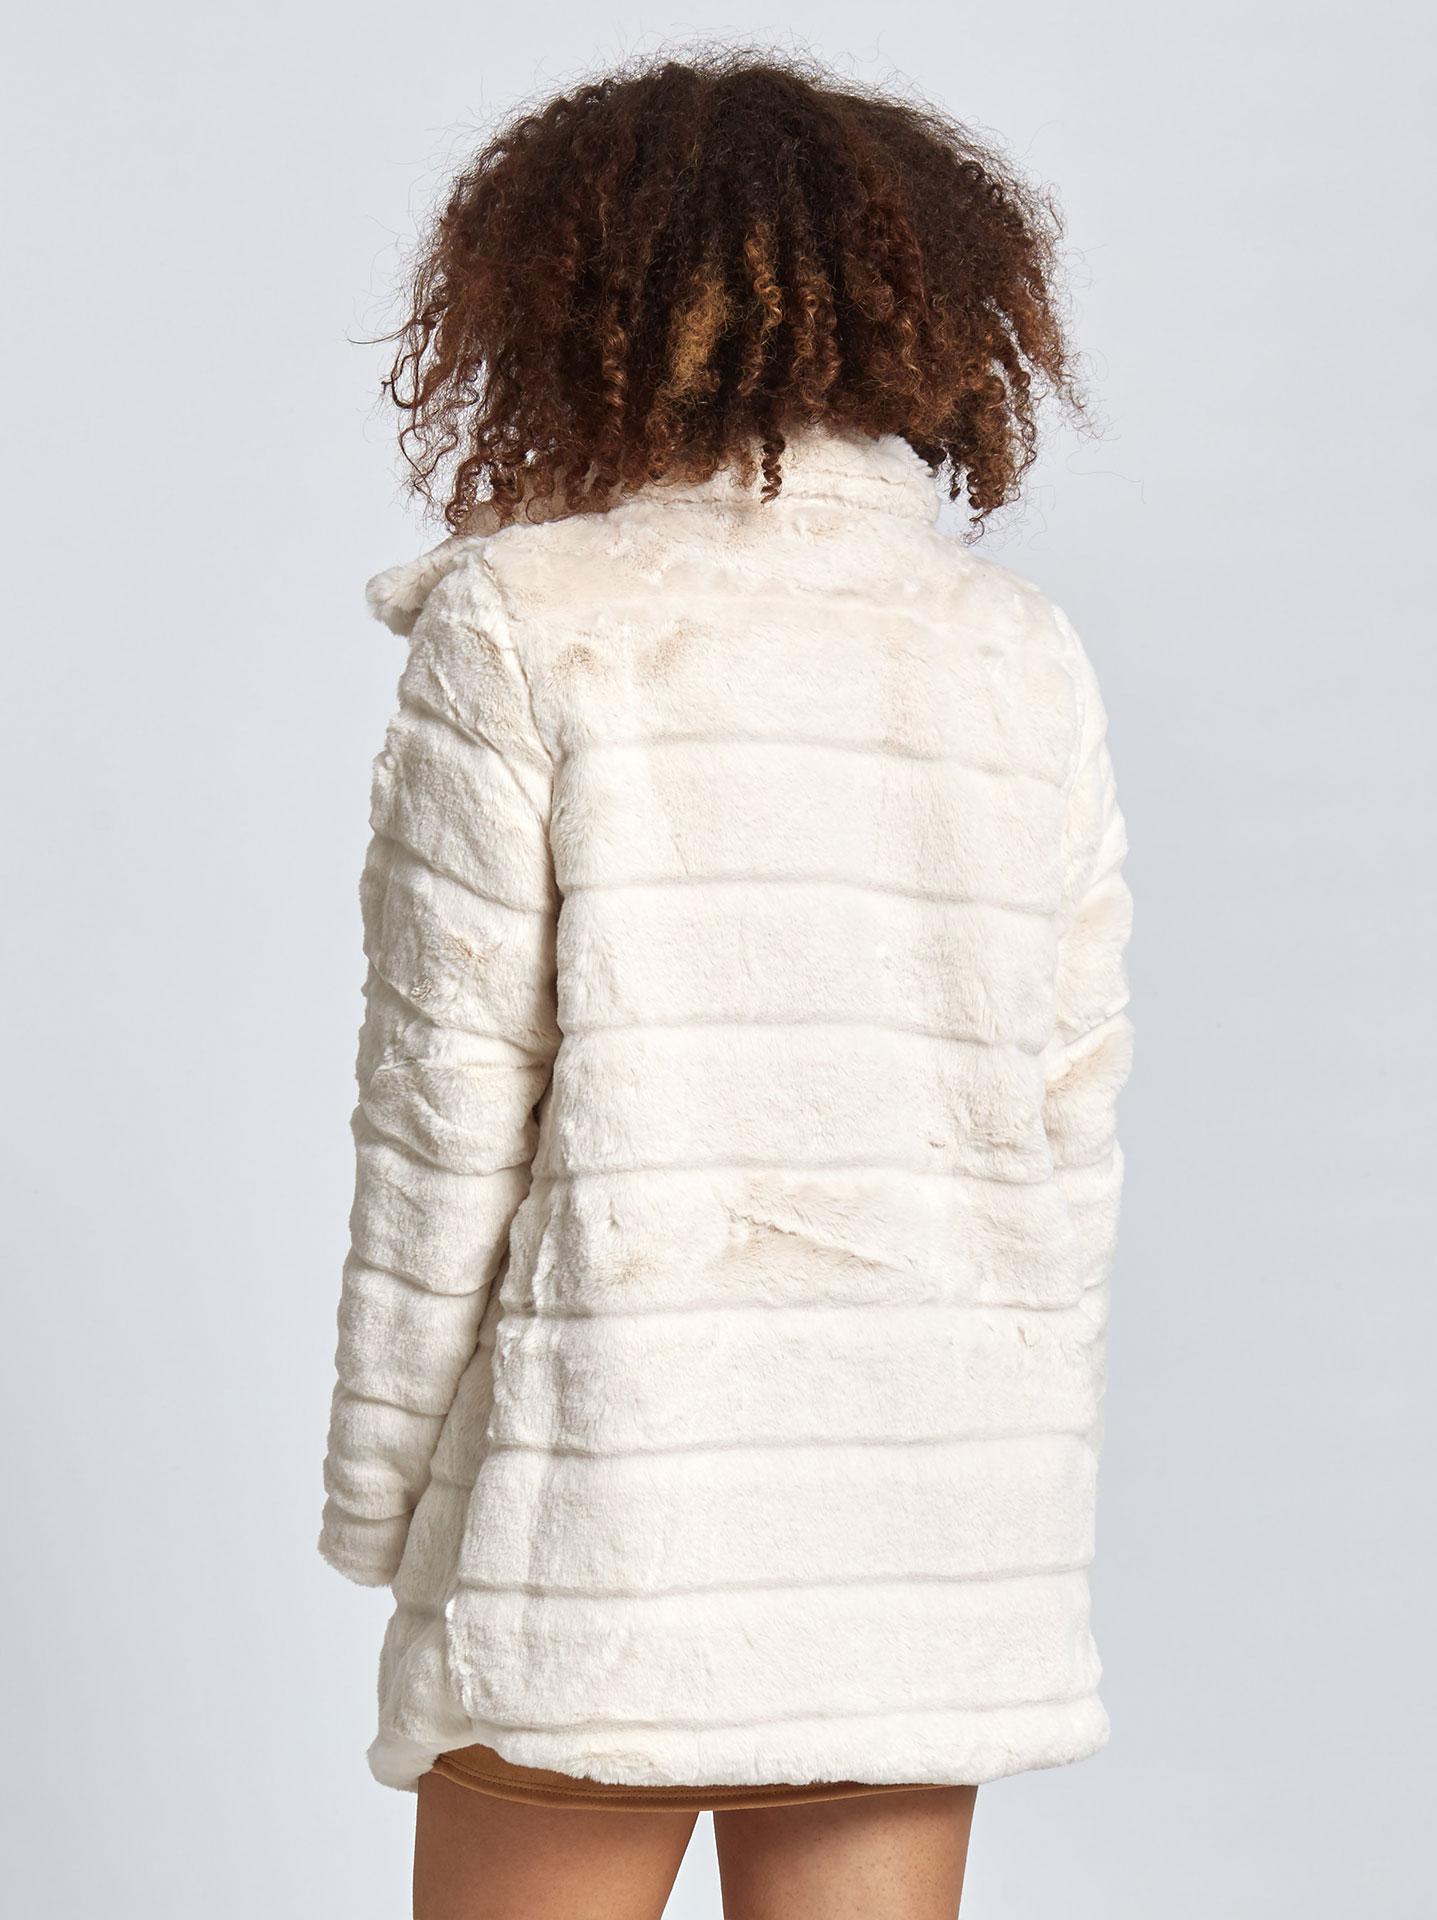 Κοντό παλτό από οικολογική-συνθετική γούνα σε εκρου 5ac85b3dcb3